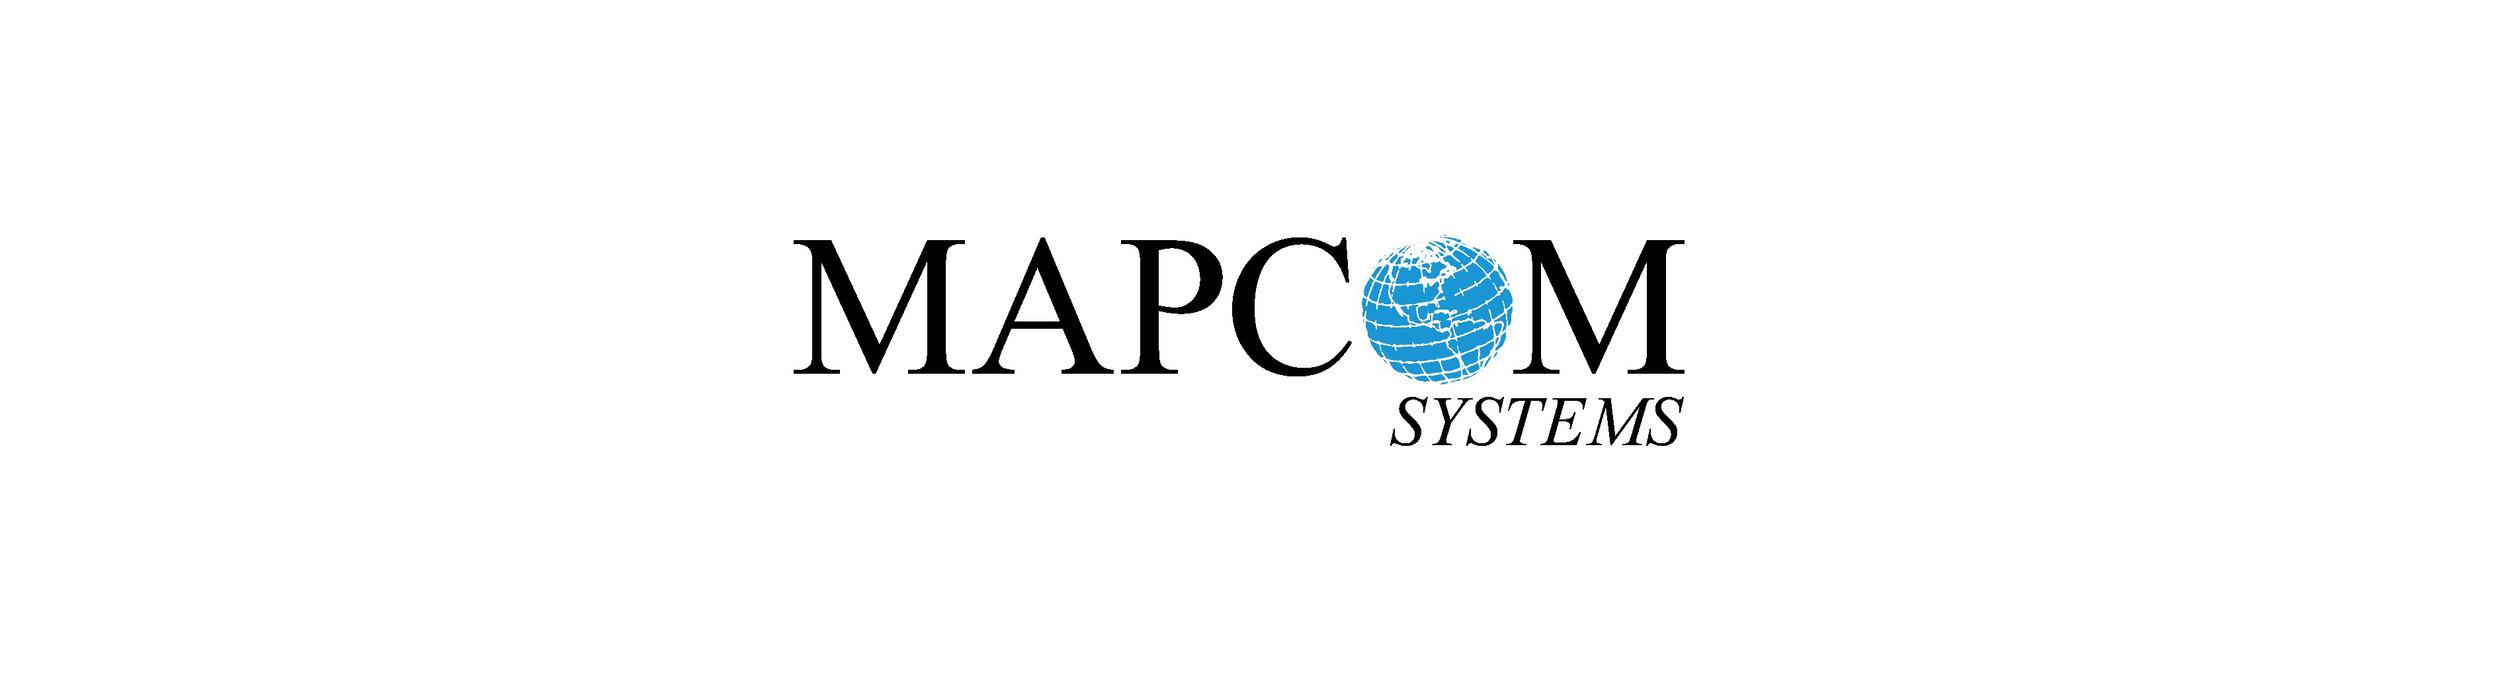 MapcomSystems.jpg